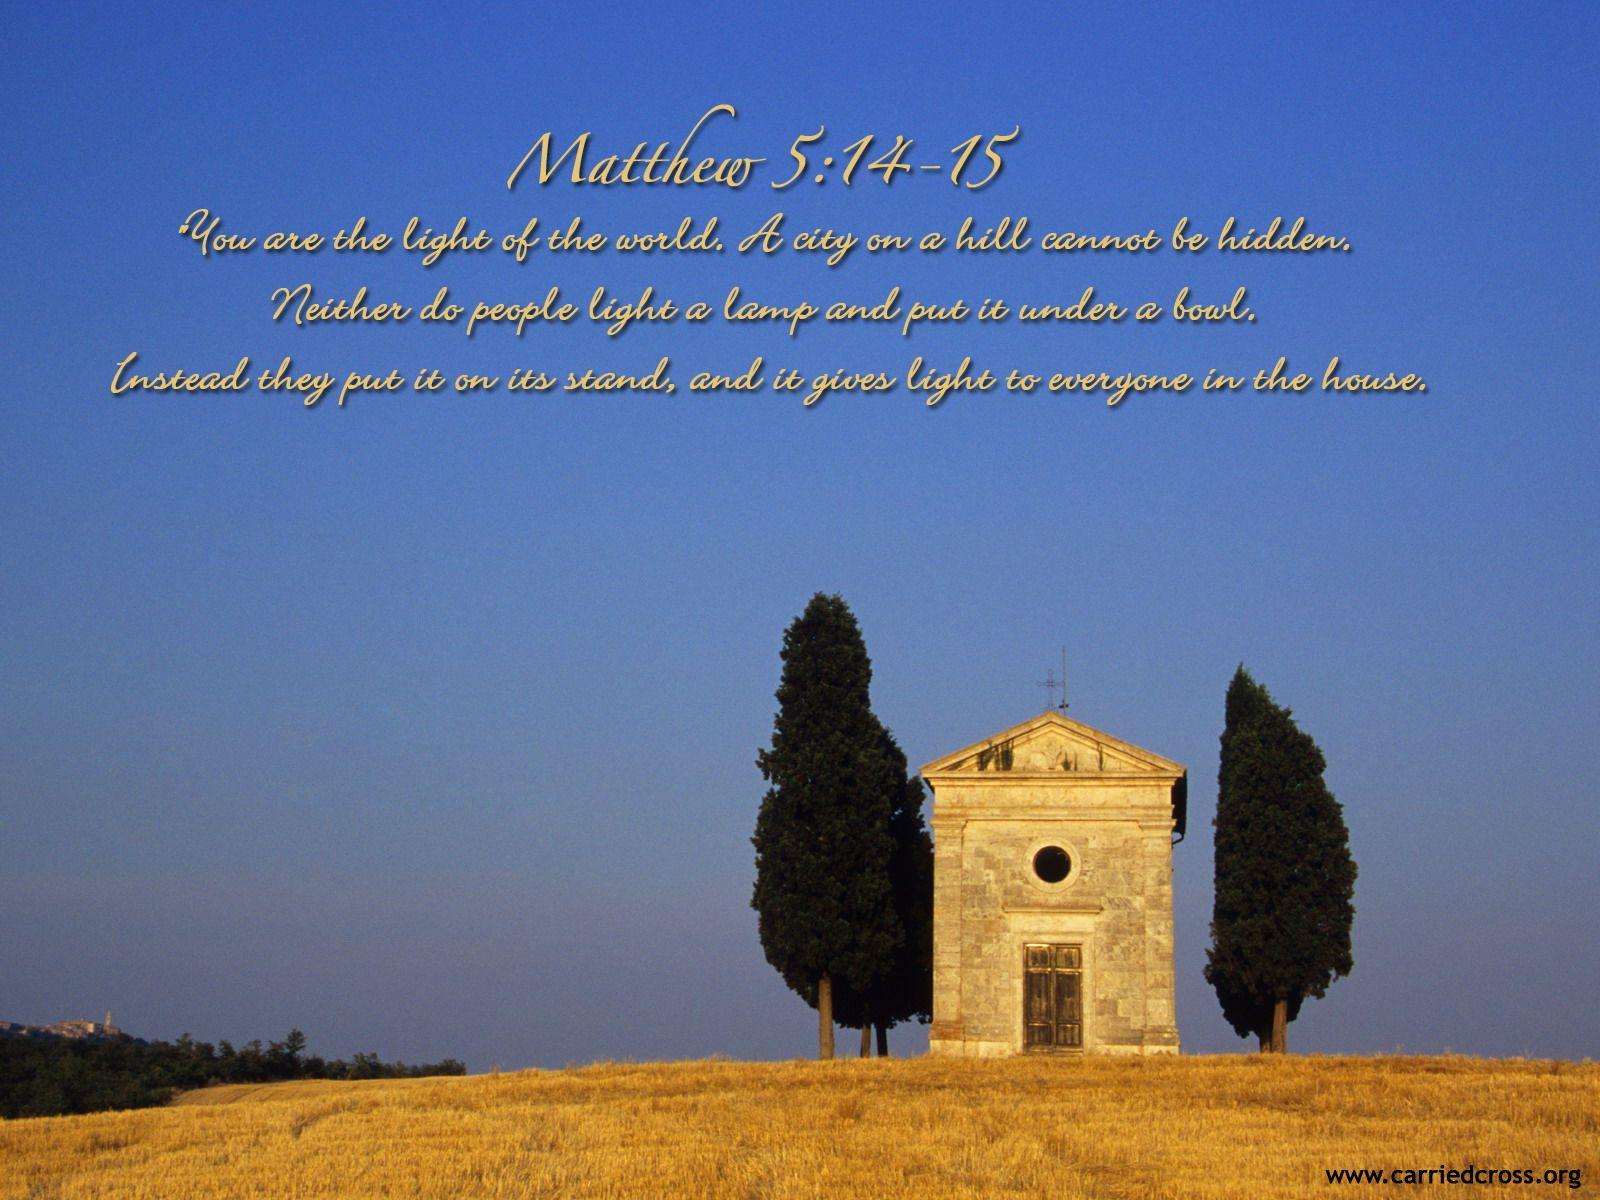 Matthew 5:14-15 Wallpa...